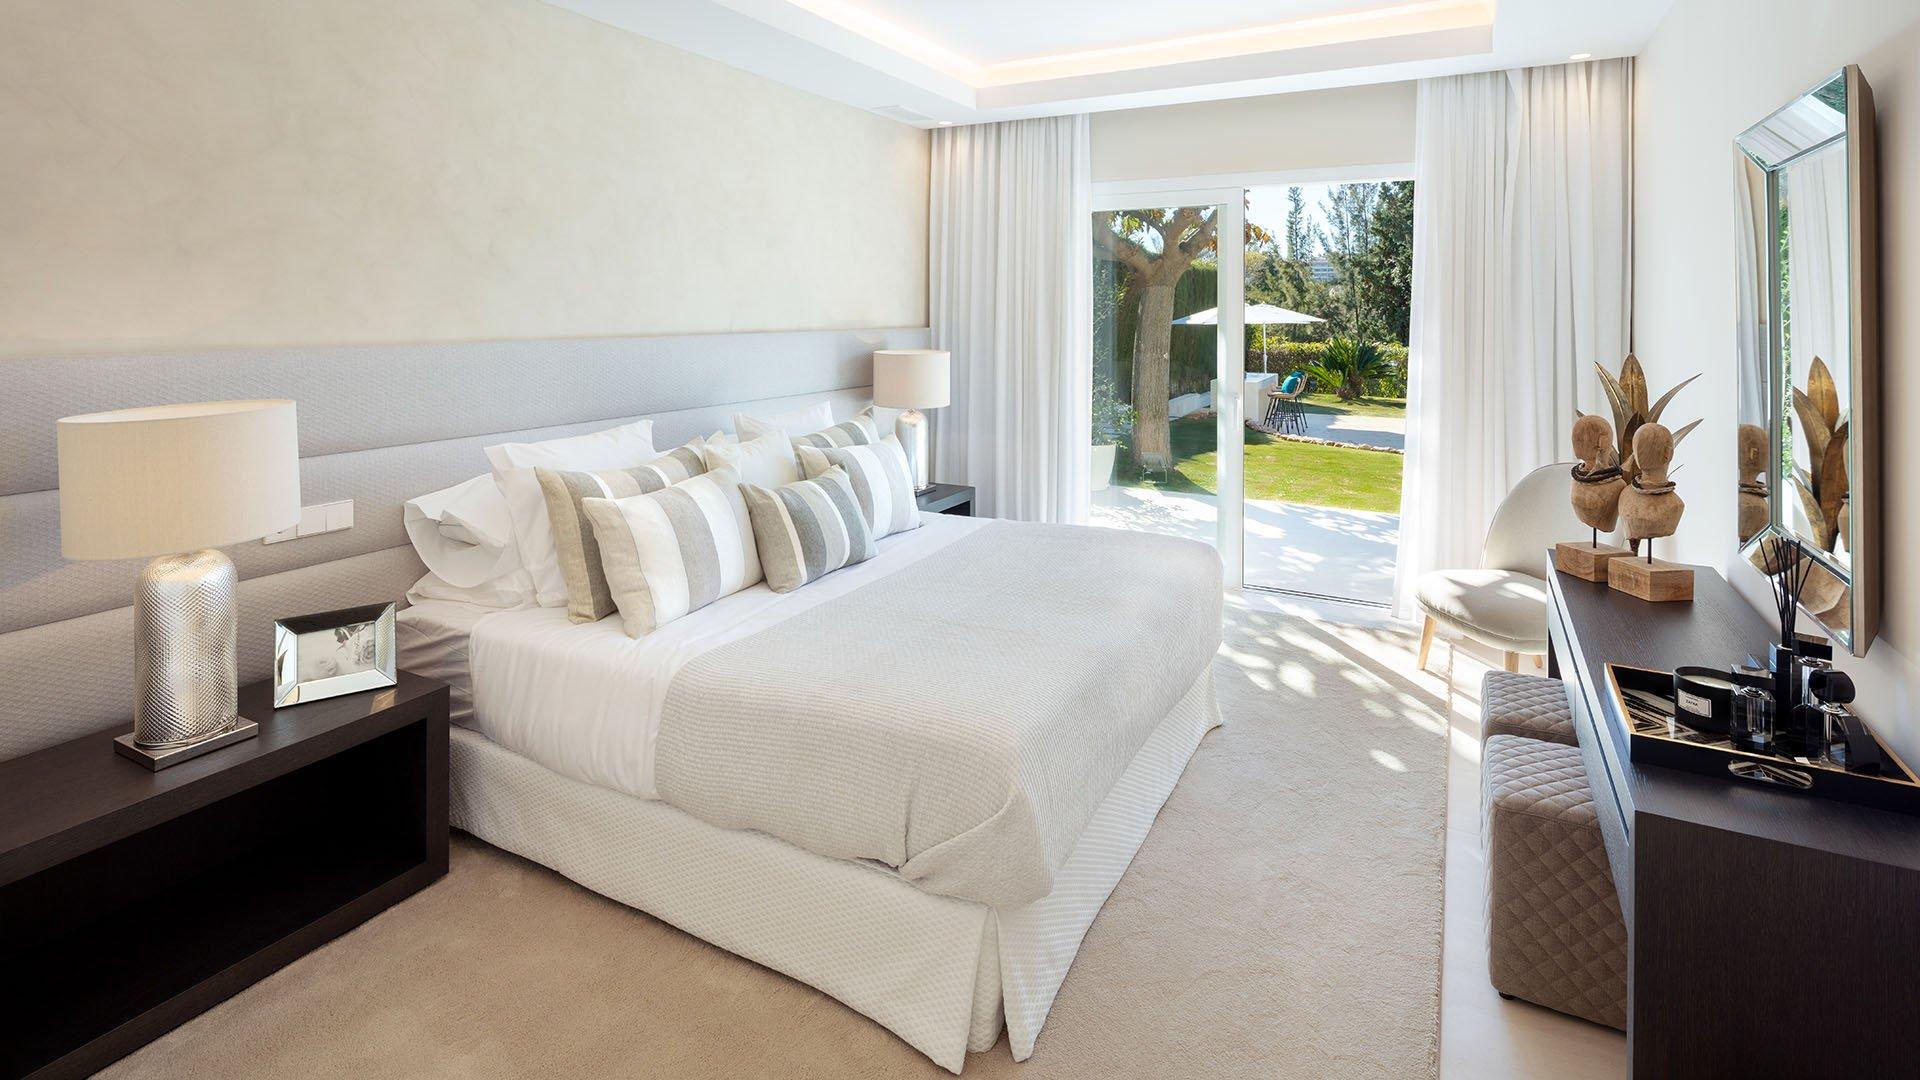 La Cerquilla 5: Beautiful front line golf villa at Los Naranjos Golf, Marbella